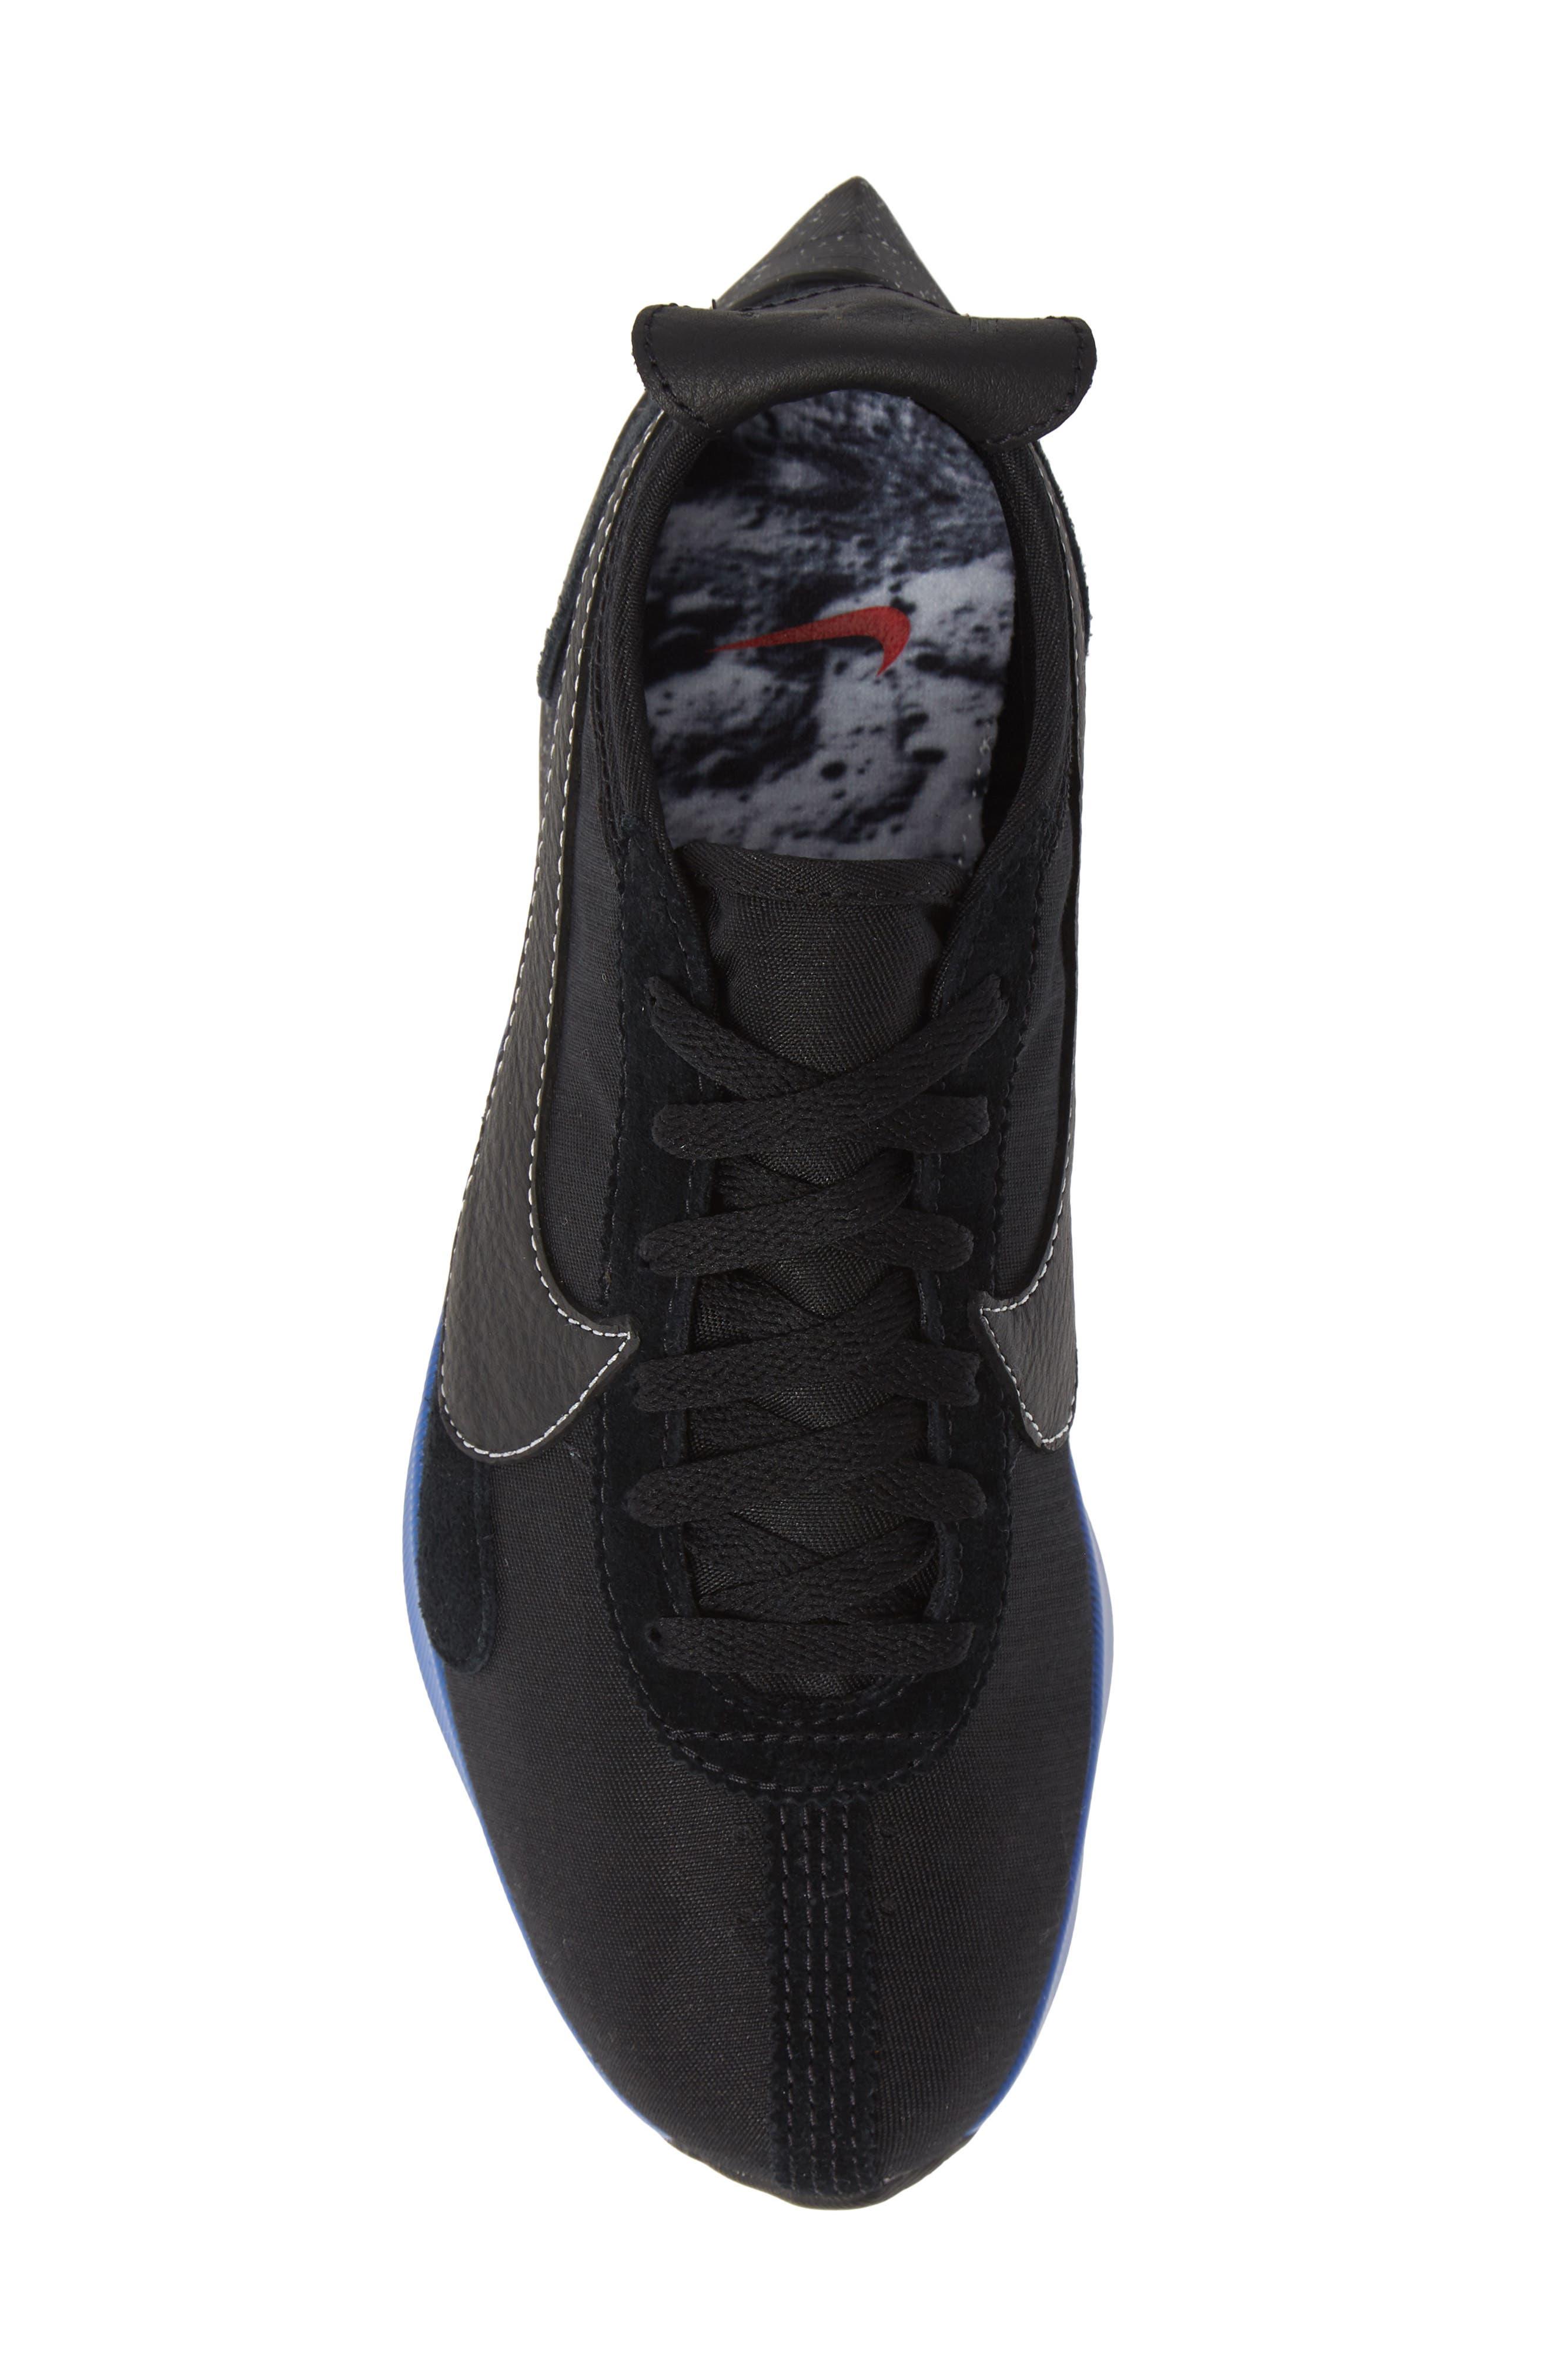 NIKE,                             Moon Racer QS Sneaker,                             Alternate thumbnail 5, color,                             001